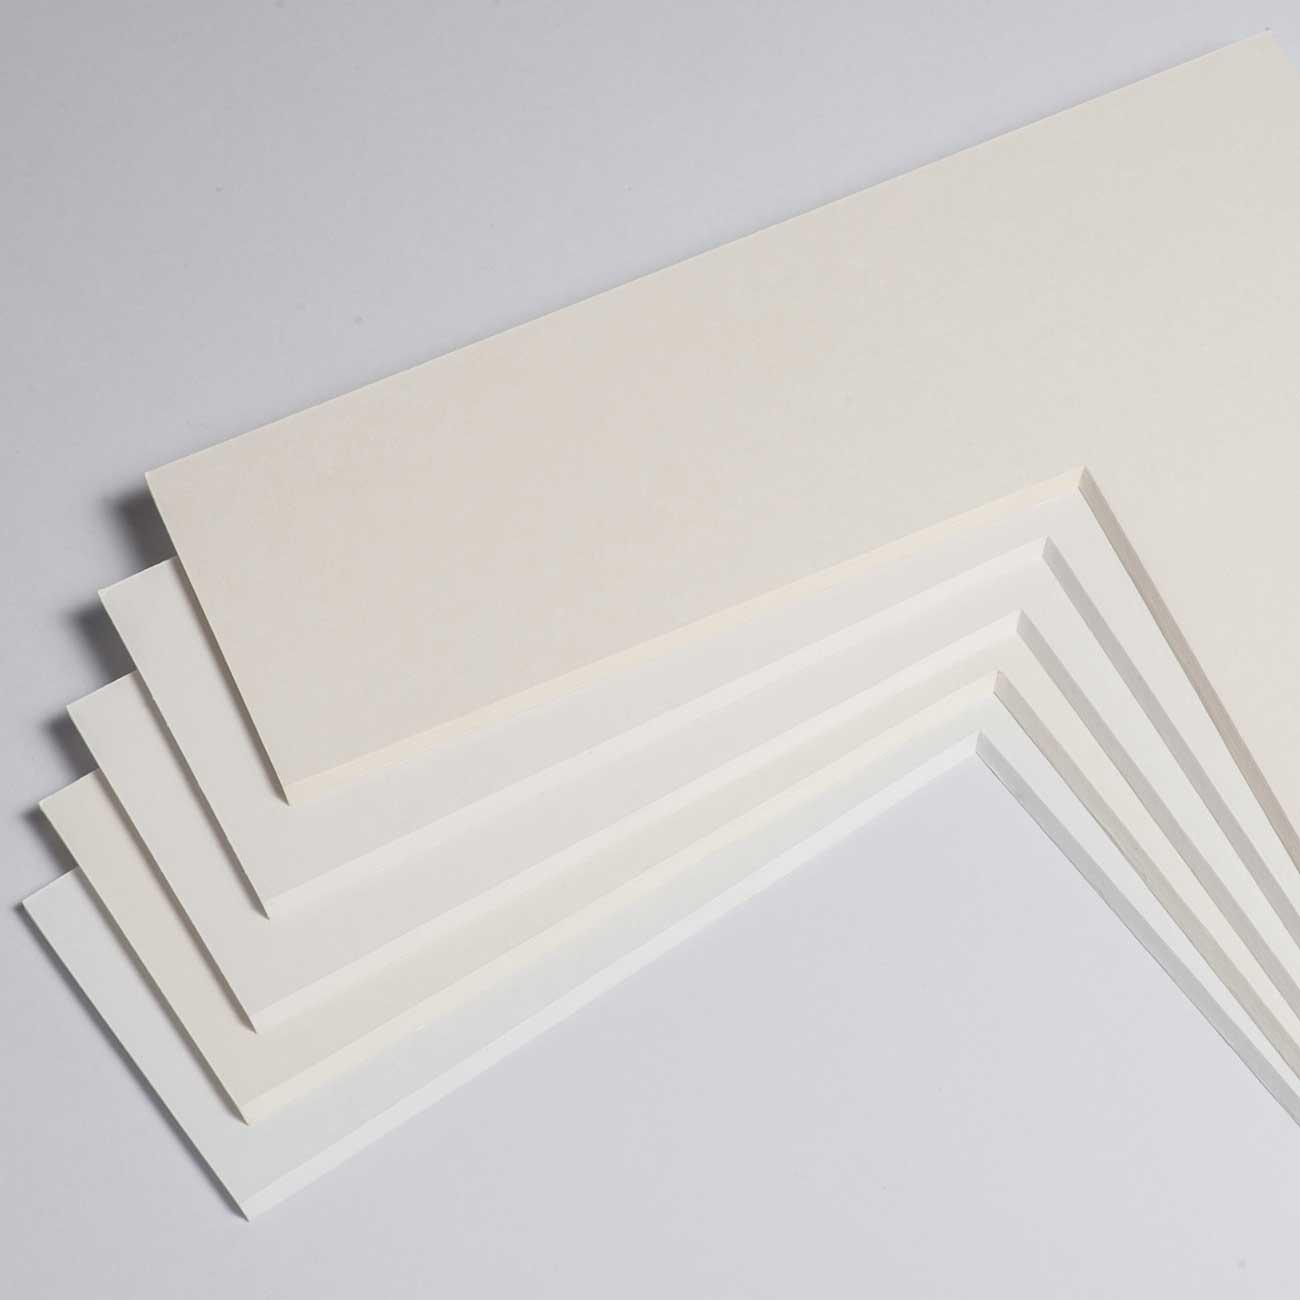 2,2 mm museumkarton met individueel knipsel